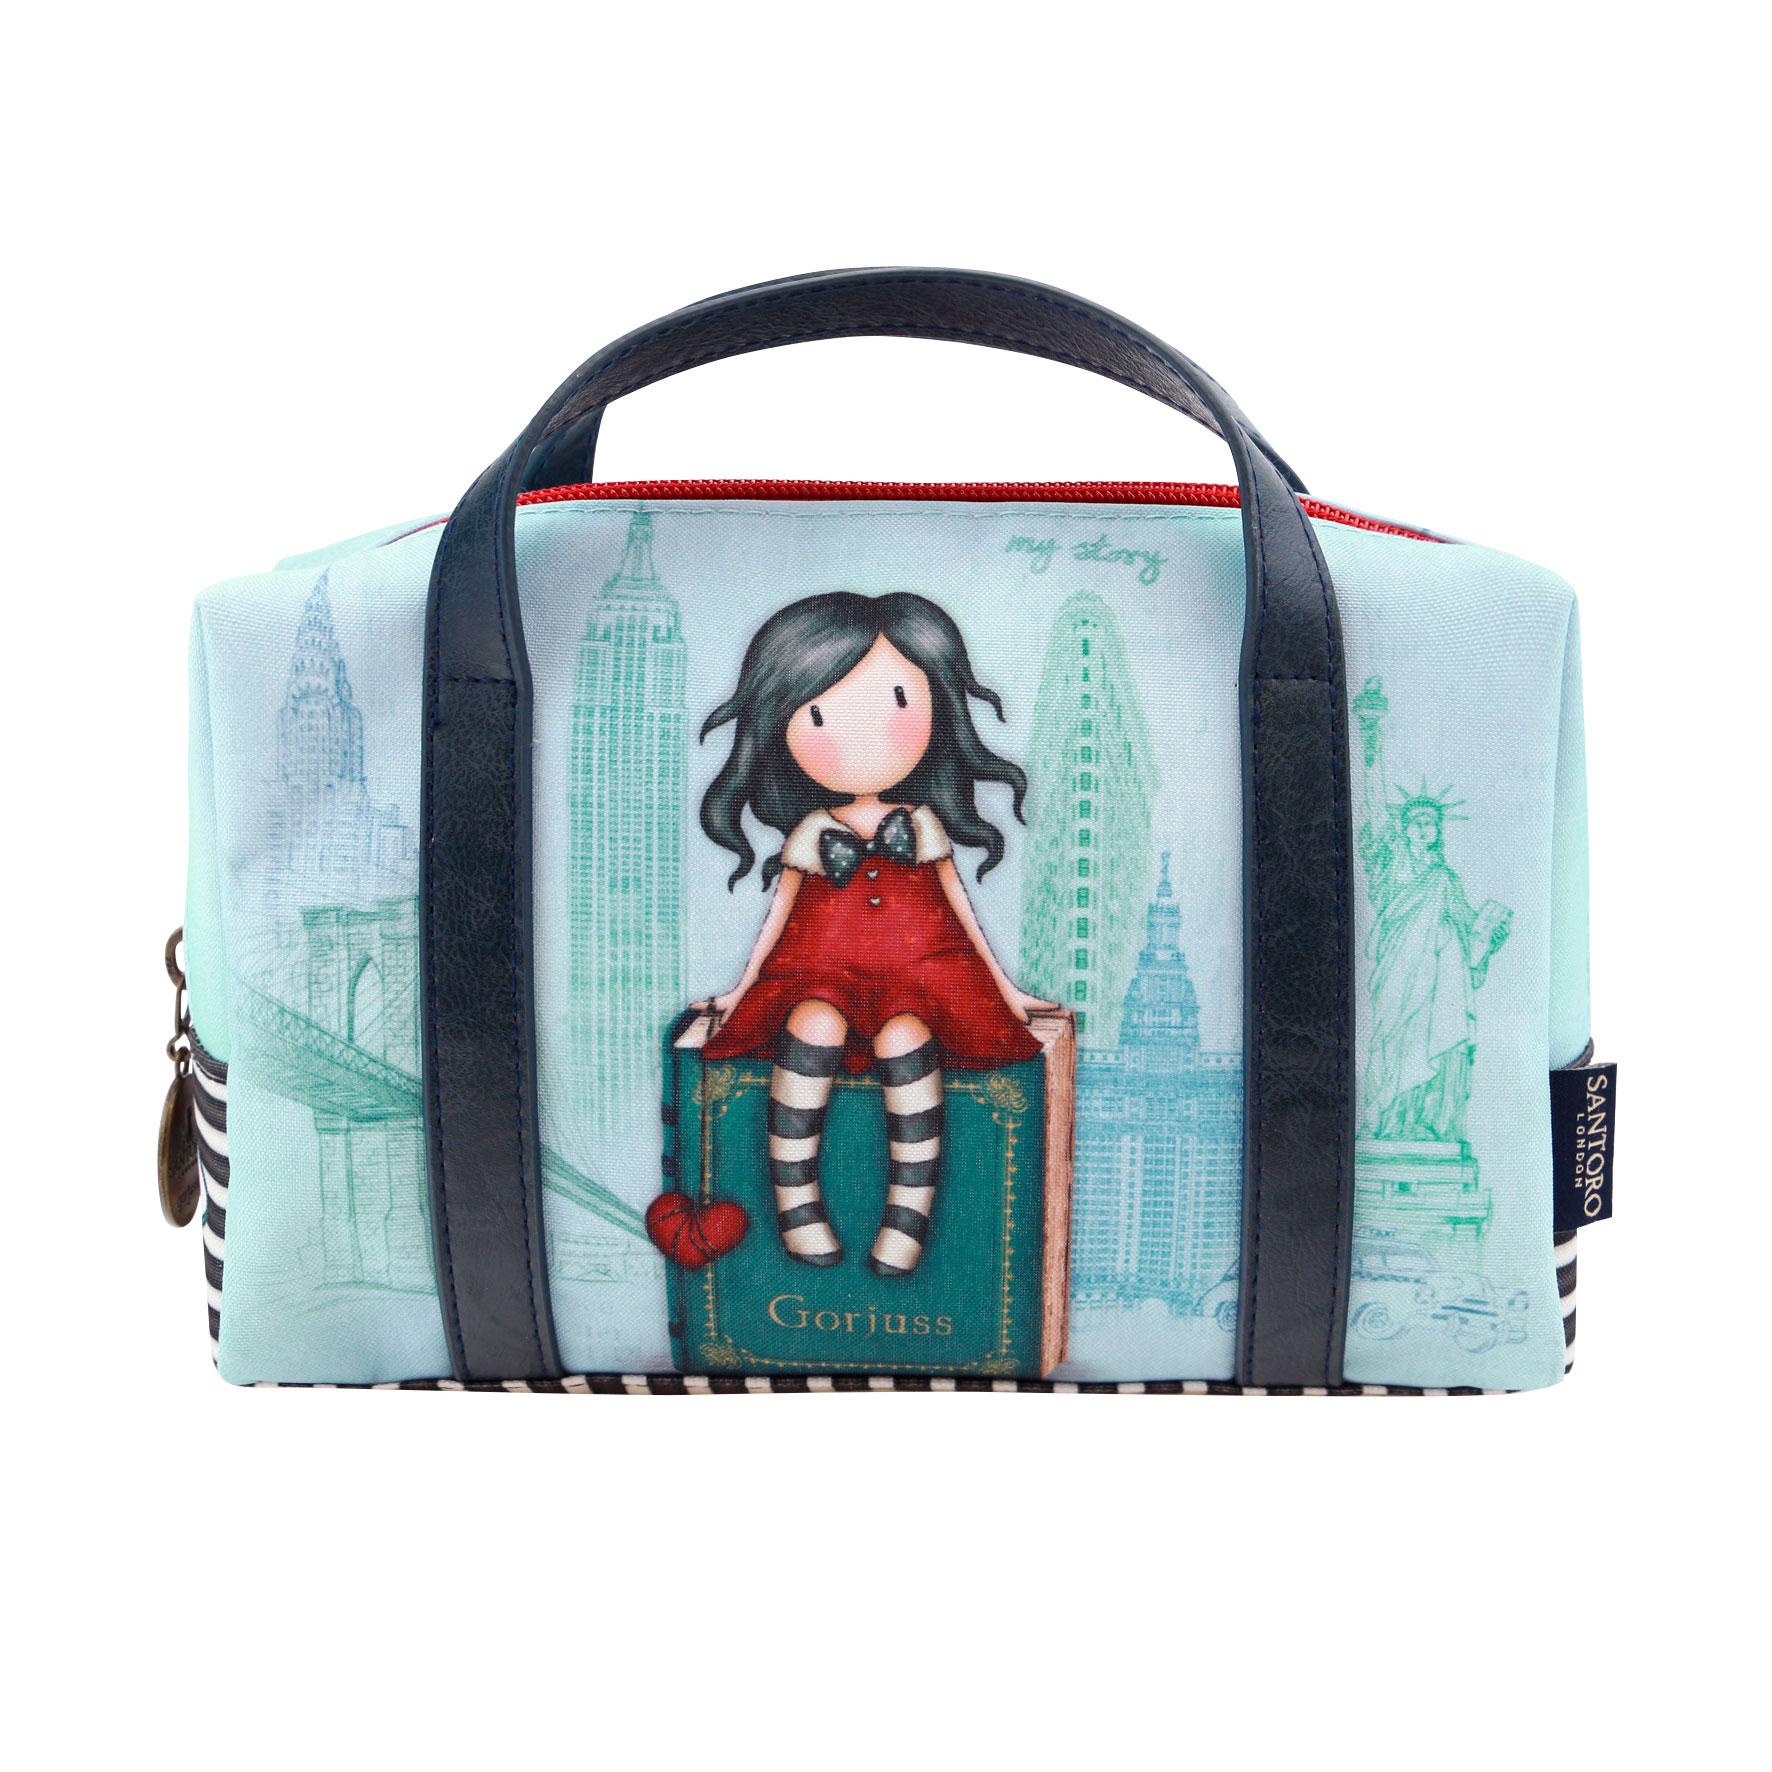 Penál ve tvaru tašky - My Story od firmy SANTORO Gorjuss (Gorjuss Cityscape - Suitcase Pencil Case -My Story)